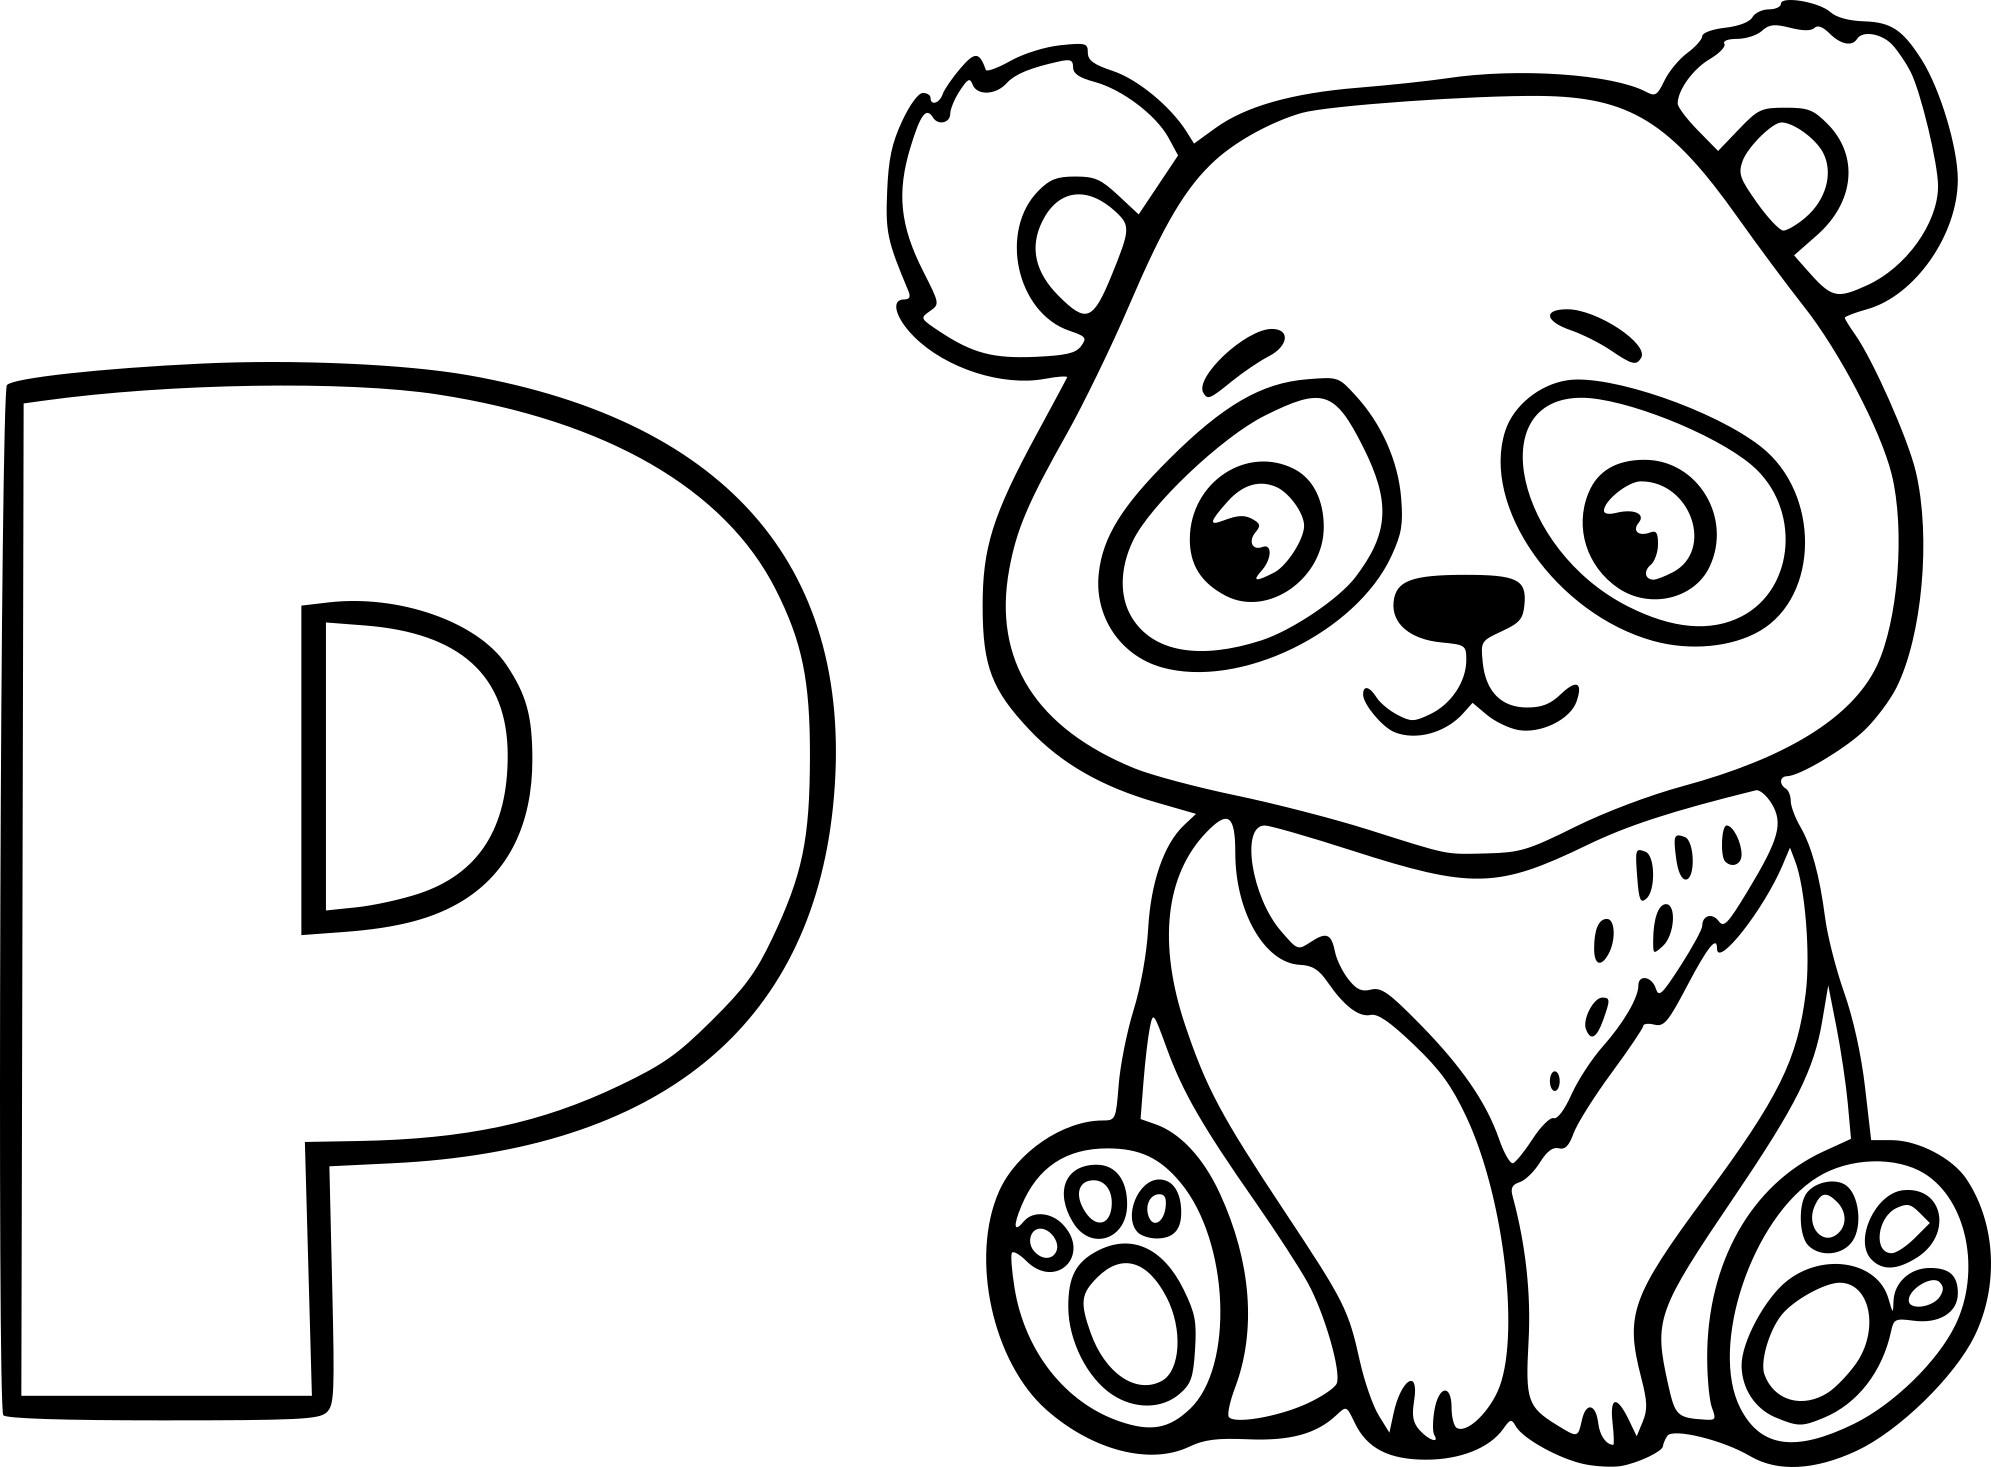 Coloriage P Comme Panda À Imprimer Sur Coloriages destiné Panda À Colorier